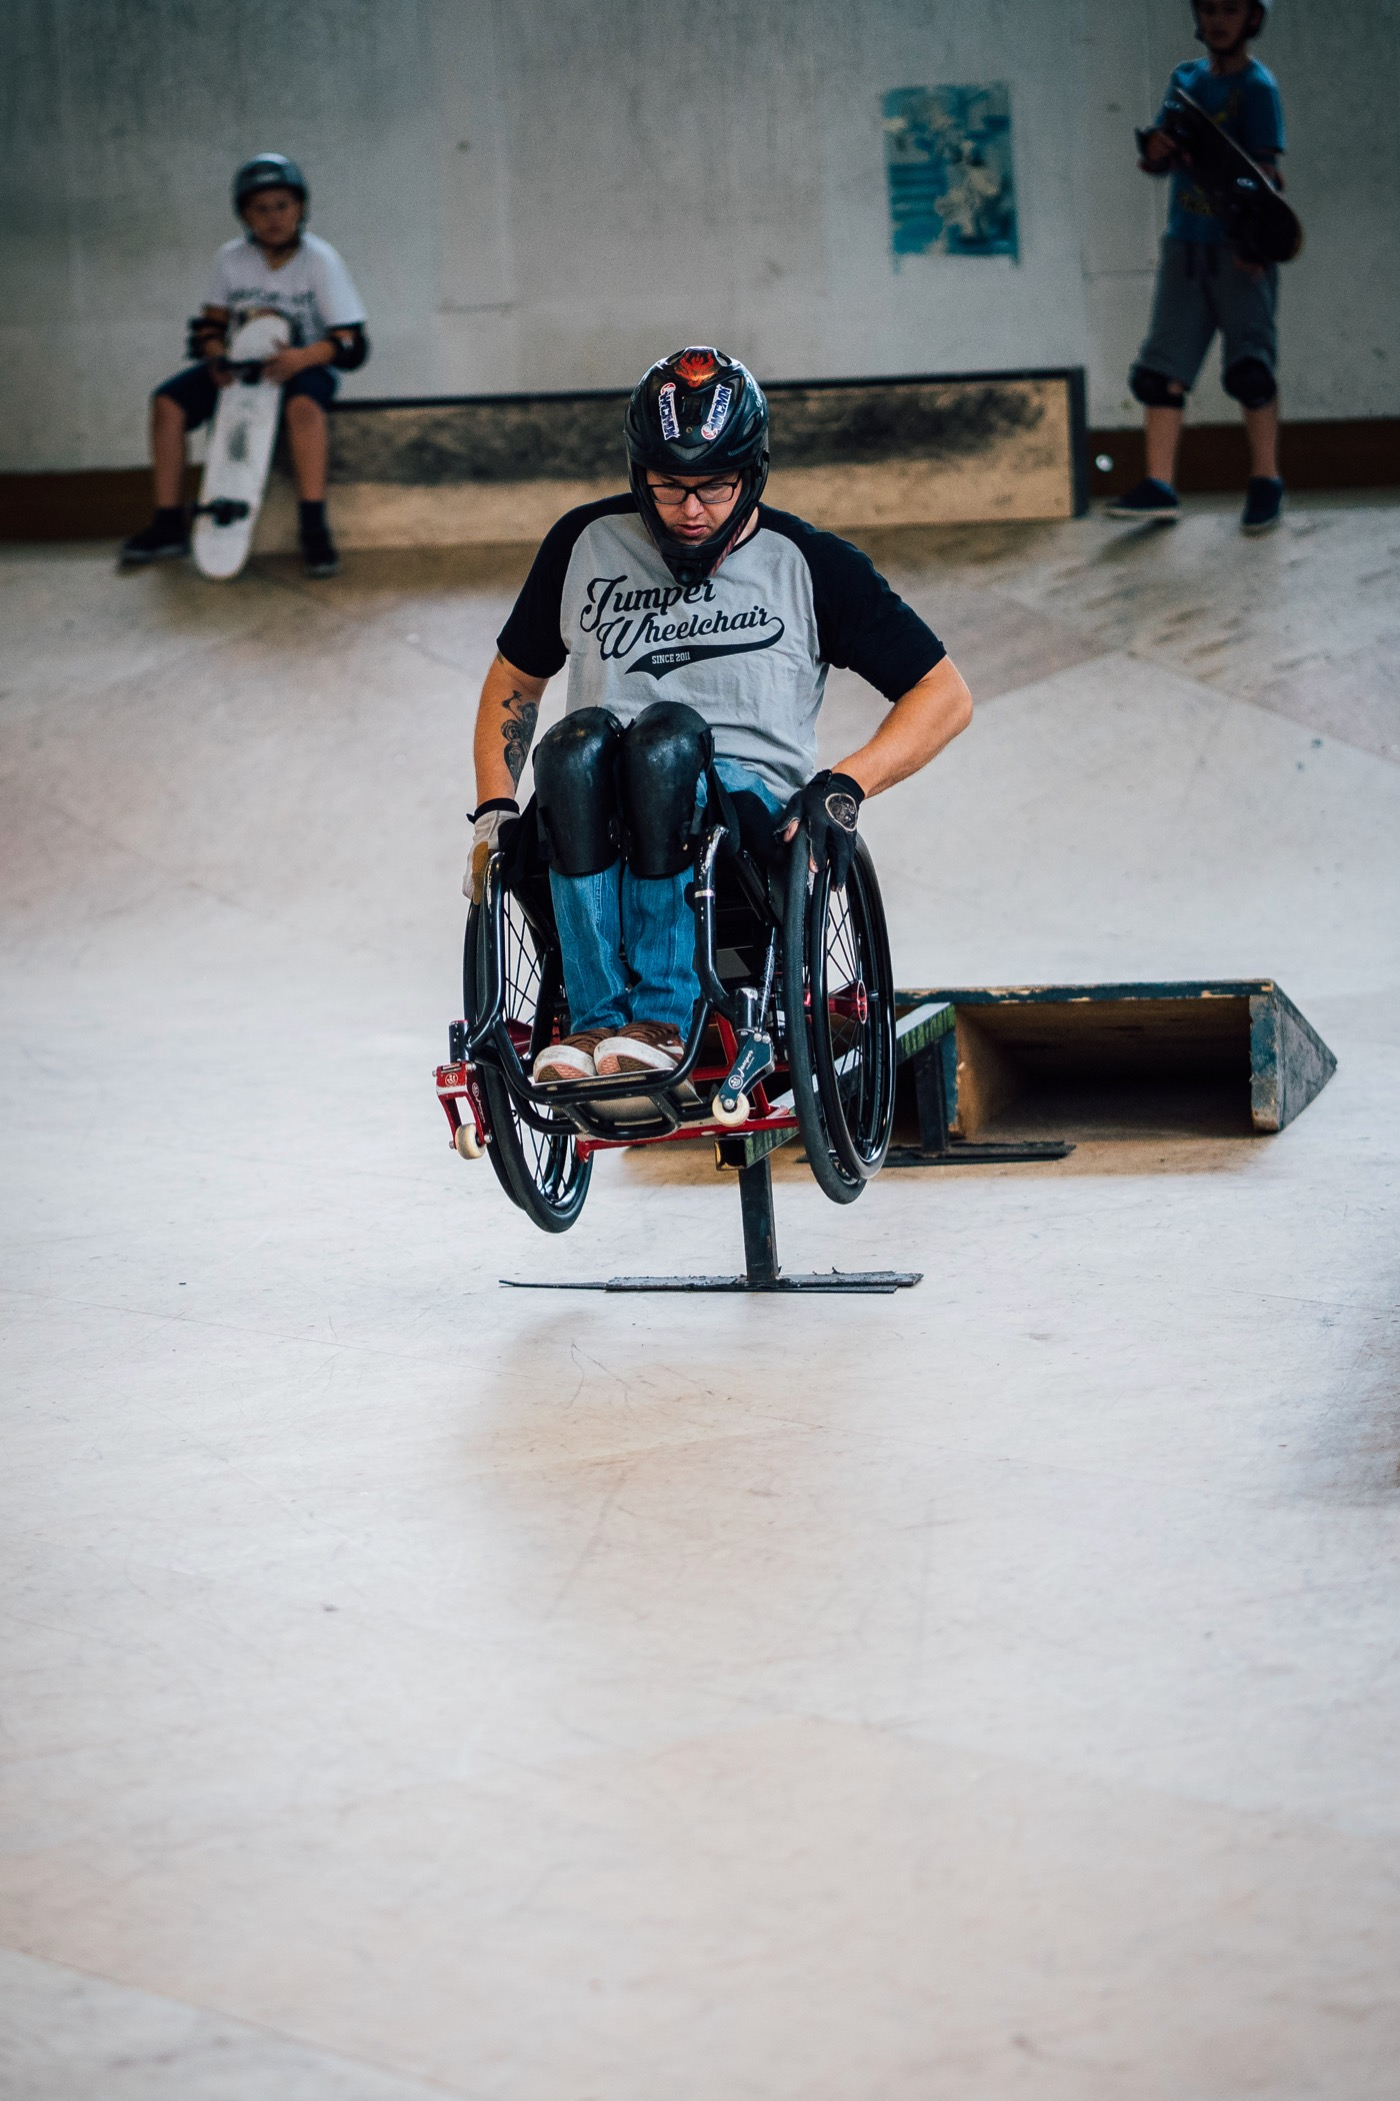 Lebuser sieht sich nicht bei den Paralympics, sondern bei den X-Games.